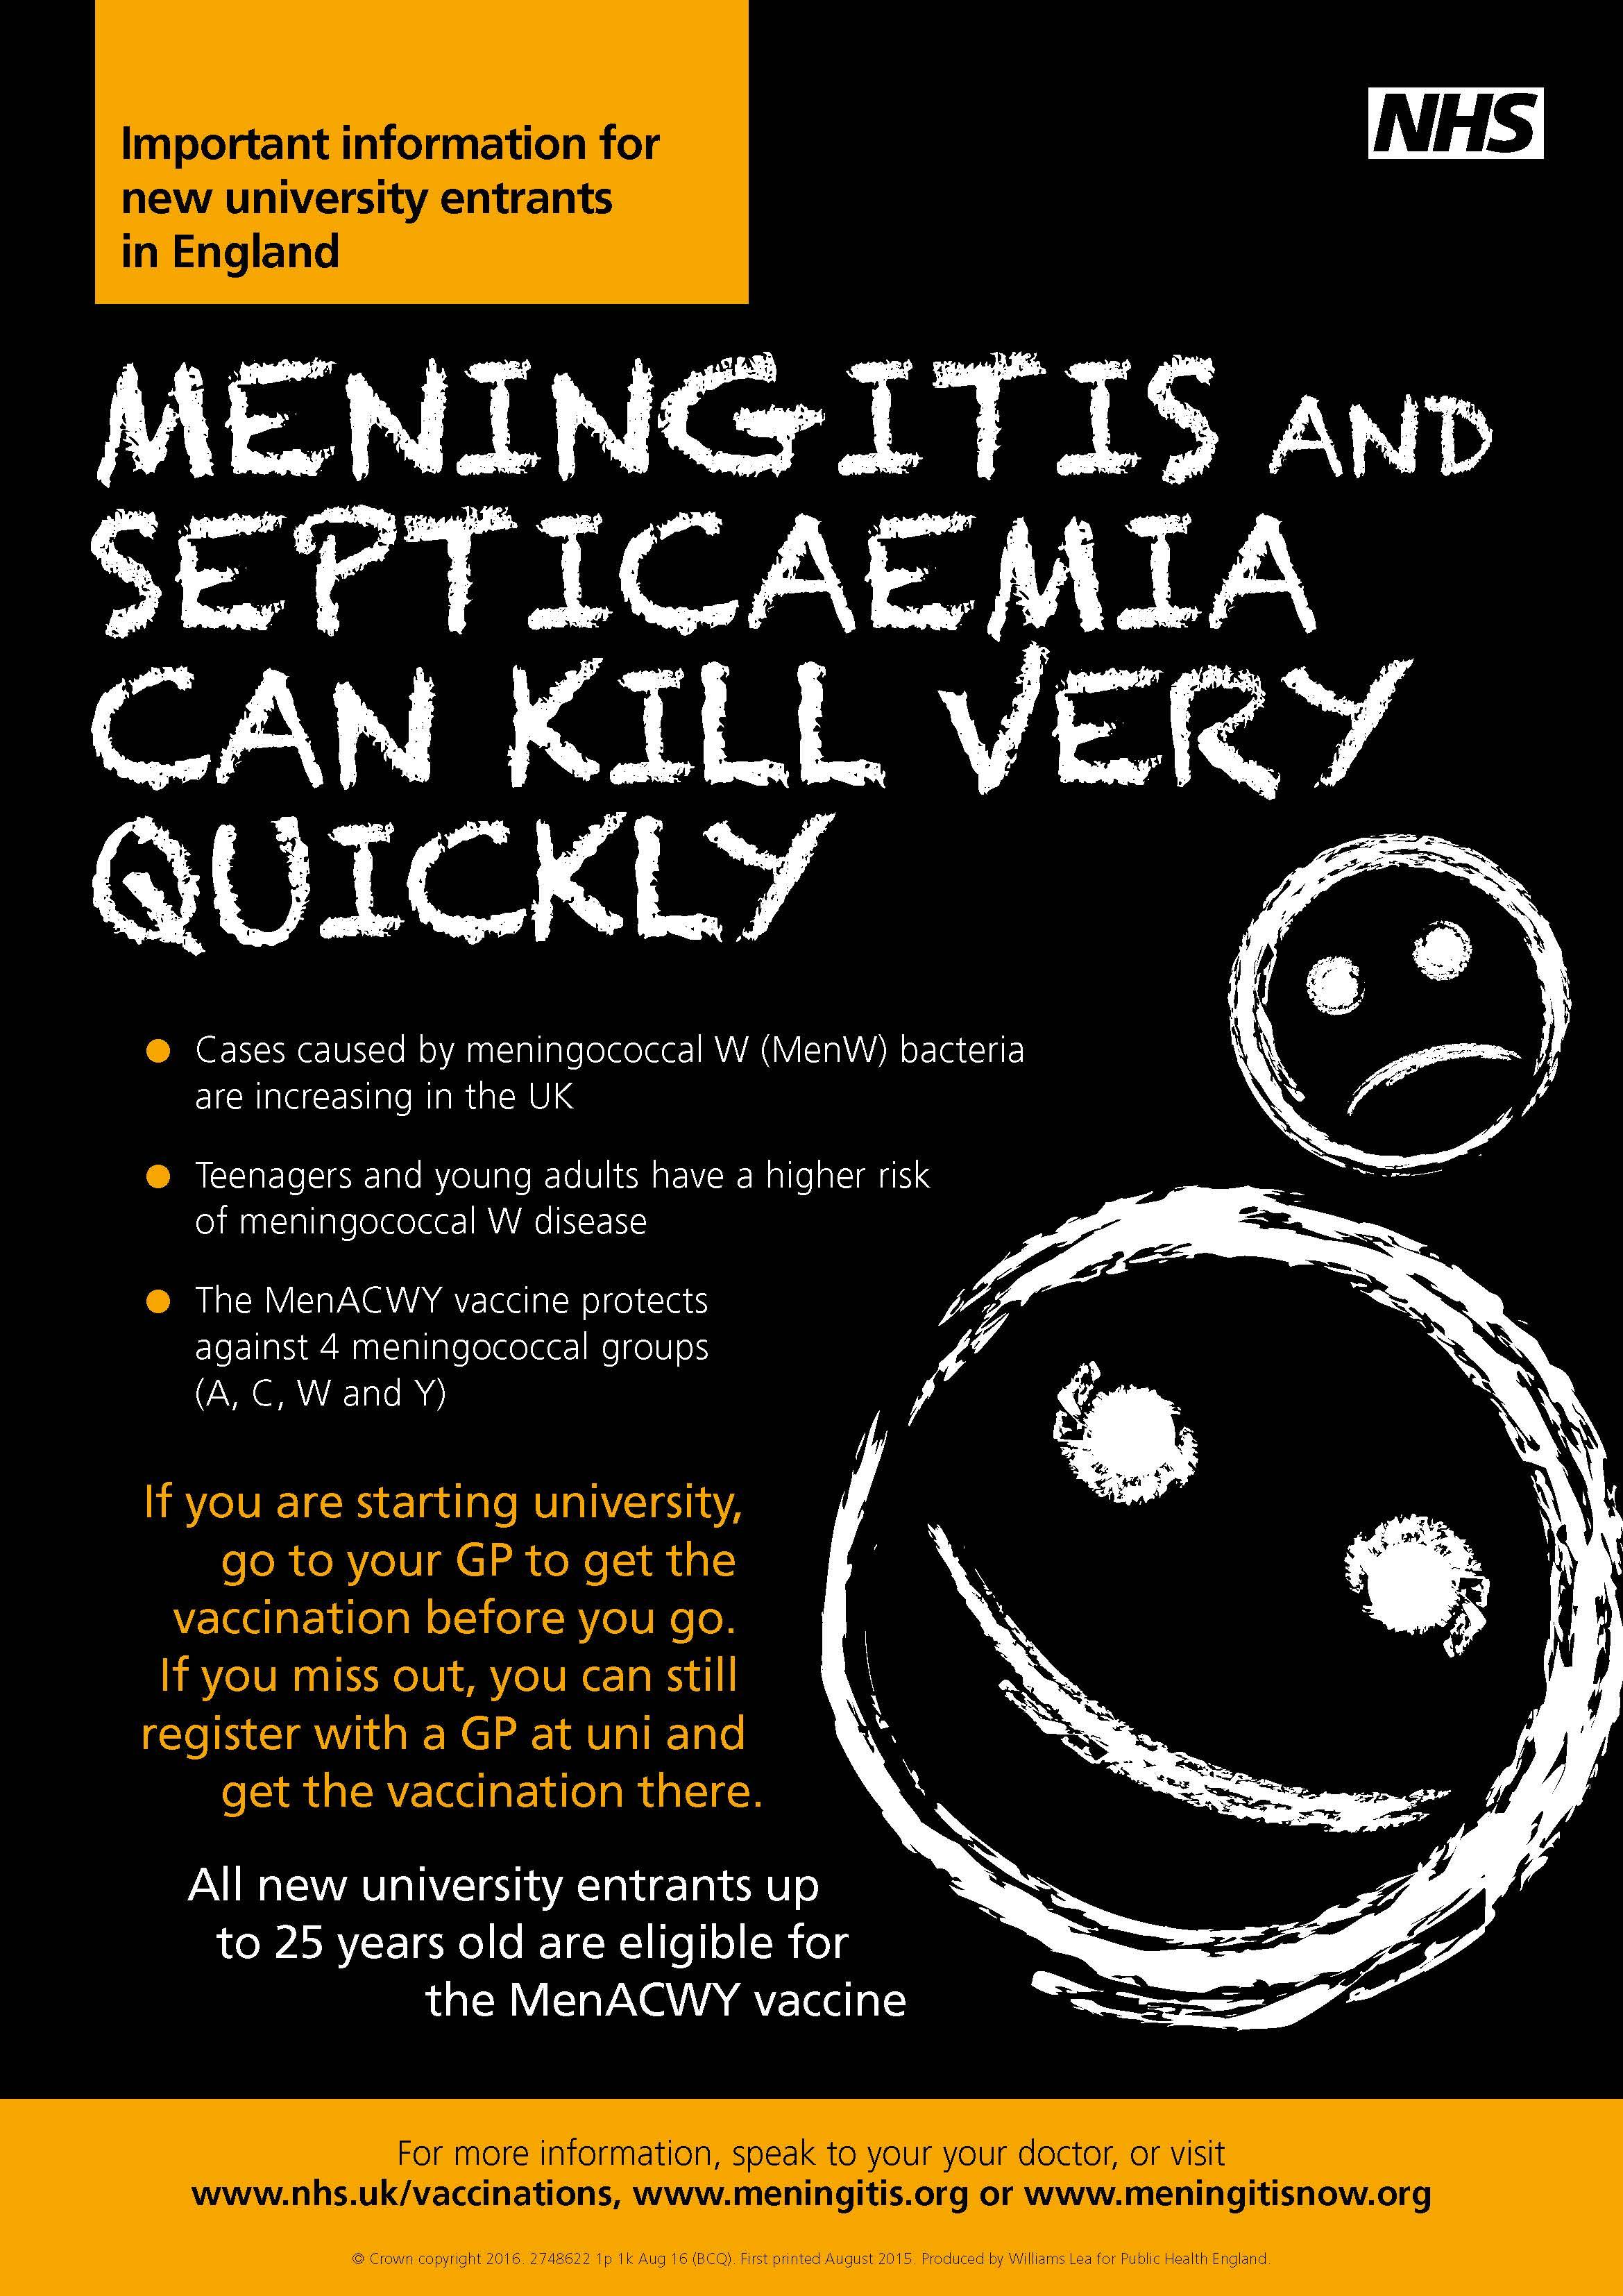 meningitis how to get it